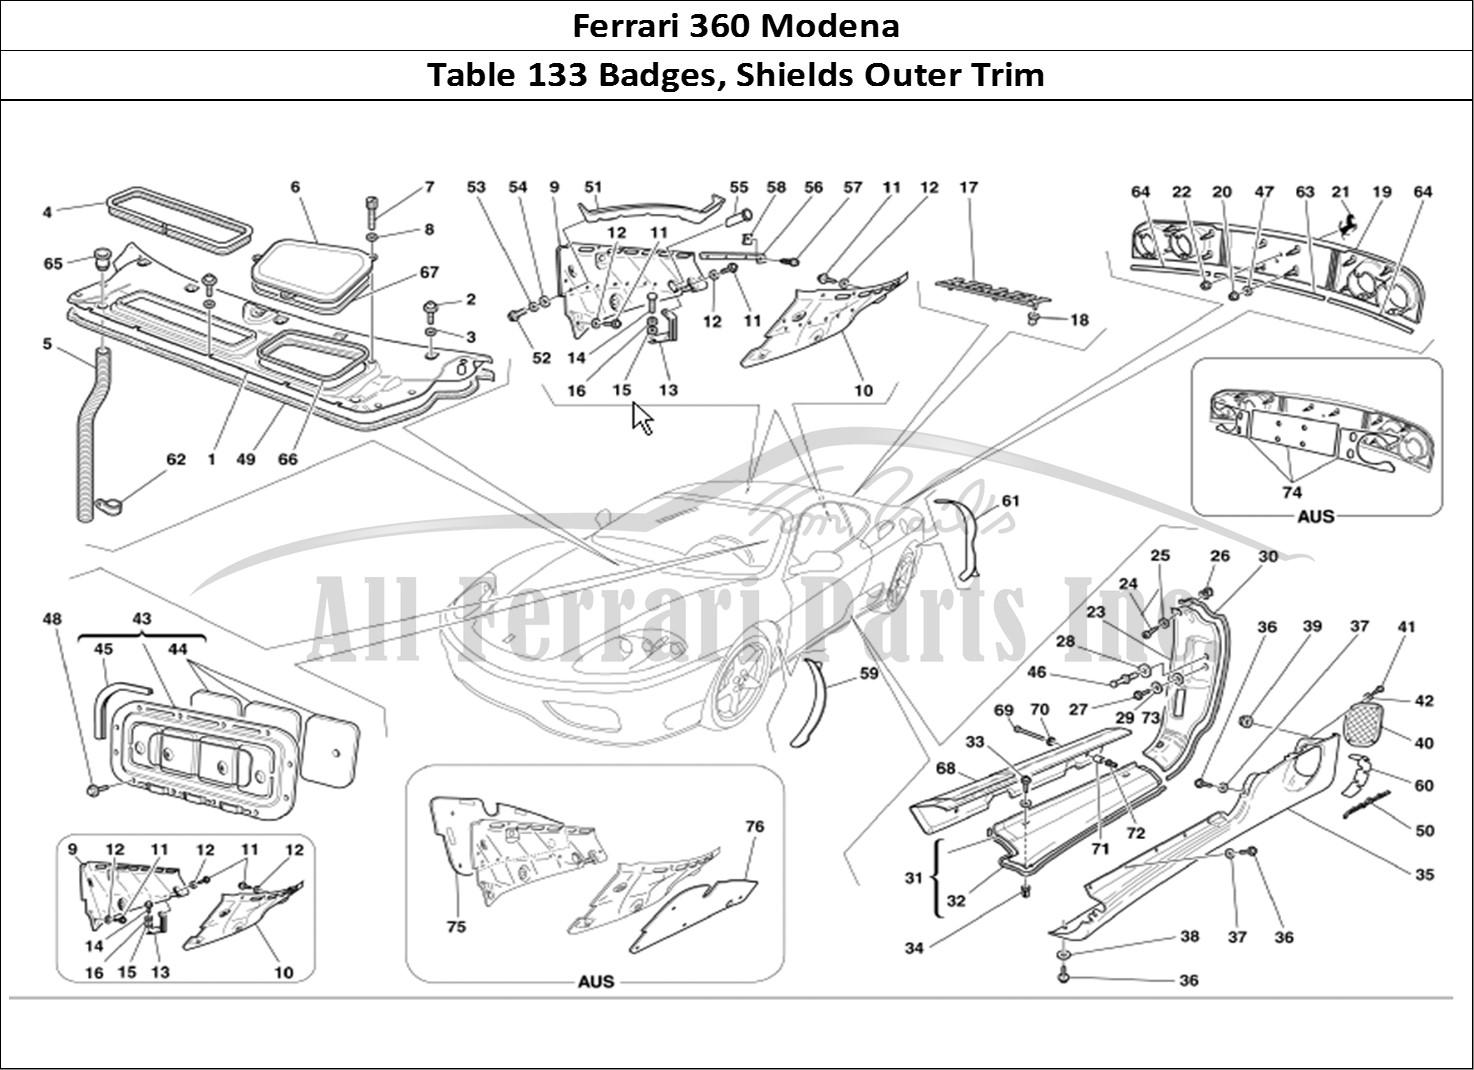 Buy original Ferrari 360 Modena 133 Badges, Shields Outer